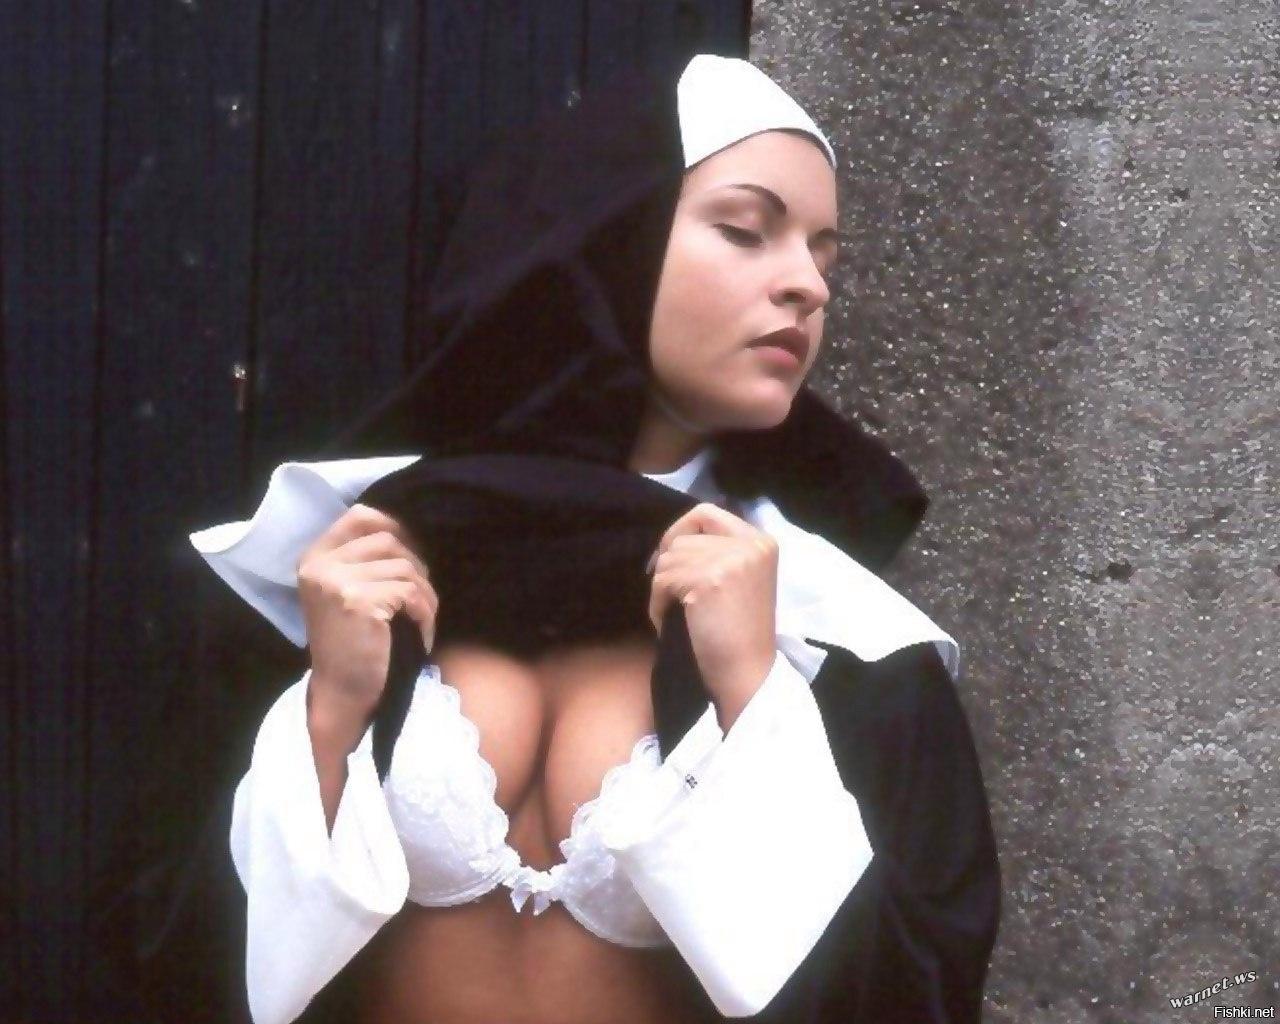 Смотреть ролики монашки в хорошем качестве, Монашки порно видео онлайн - бесплатный просмотр 23 фотография